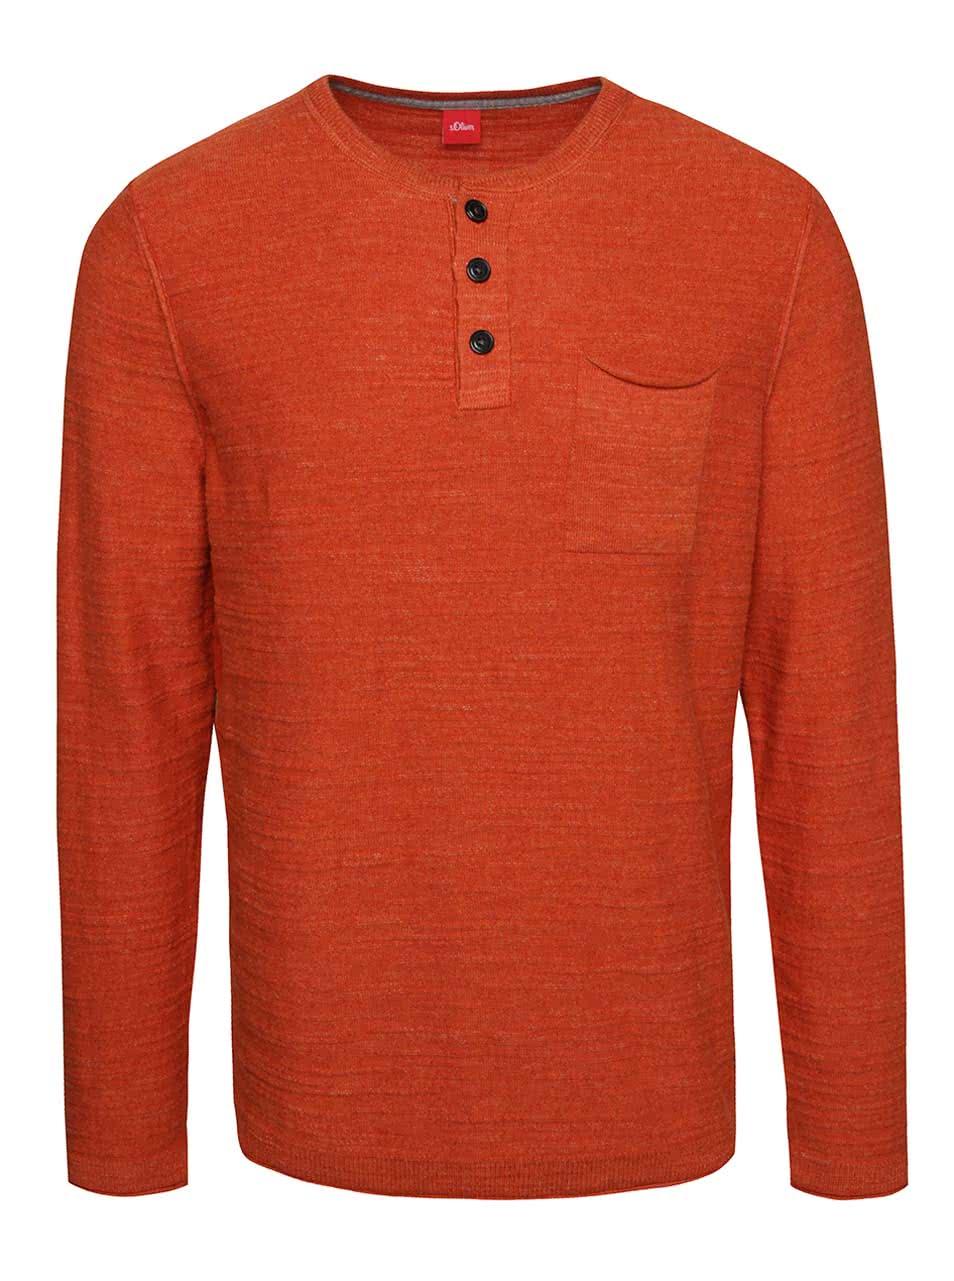 Bluza portocalie s.Oliver din jerseu